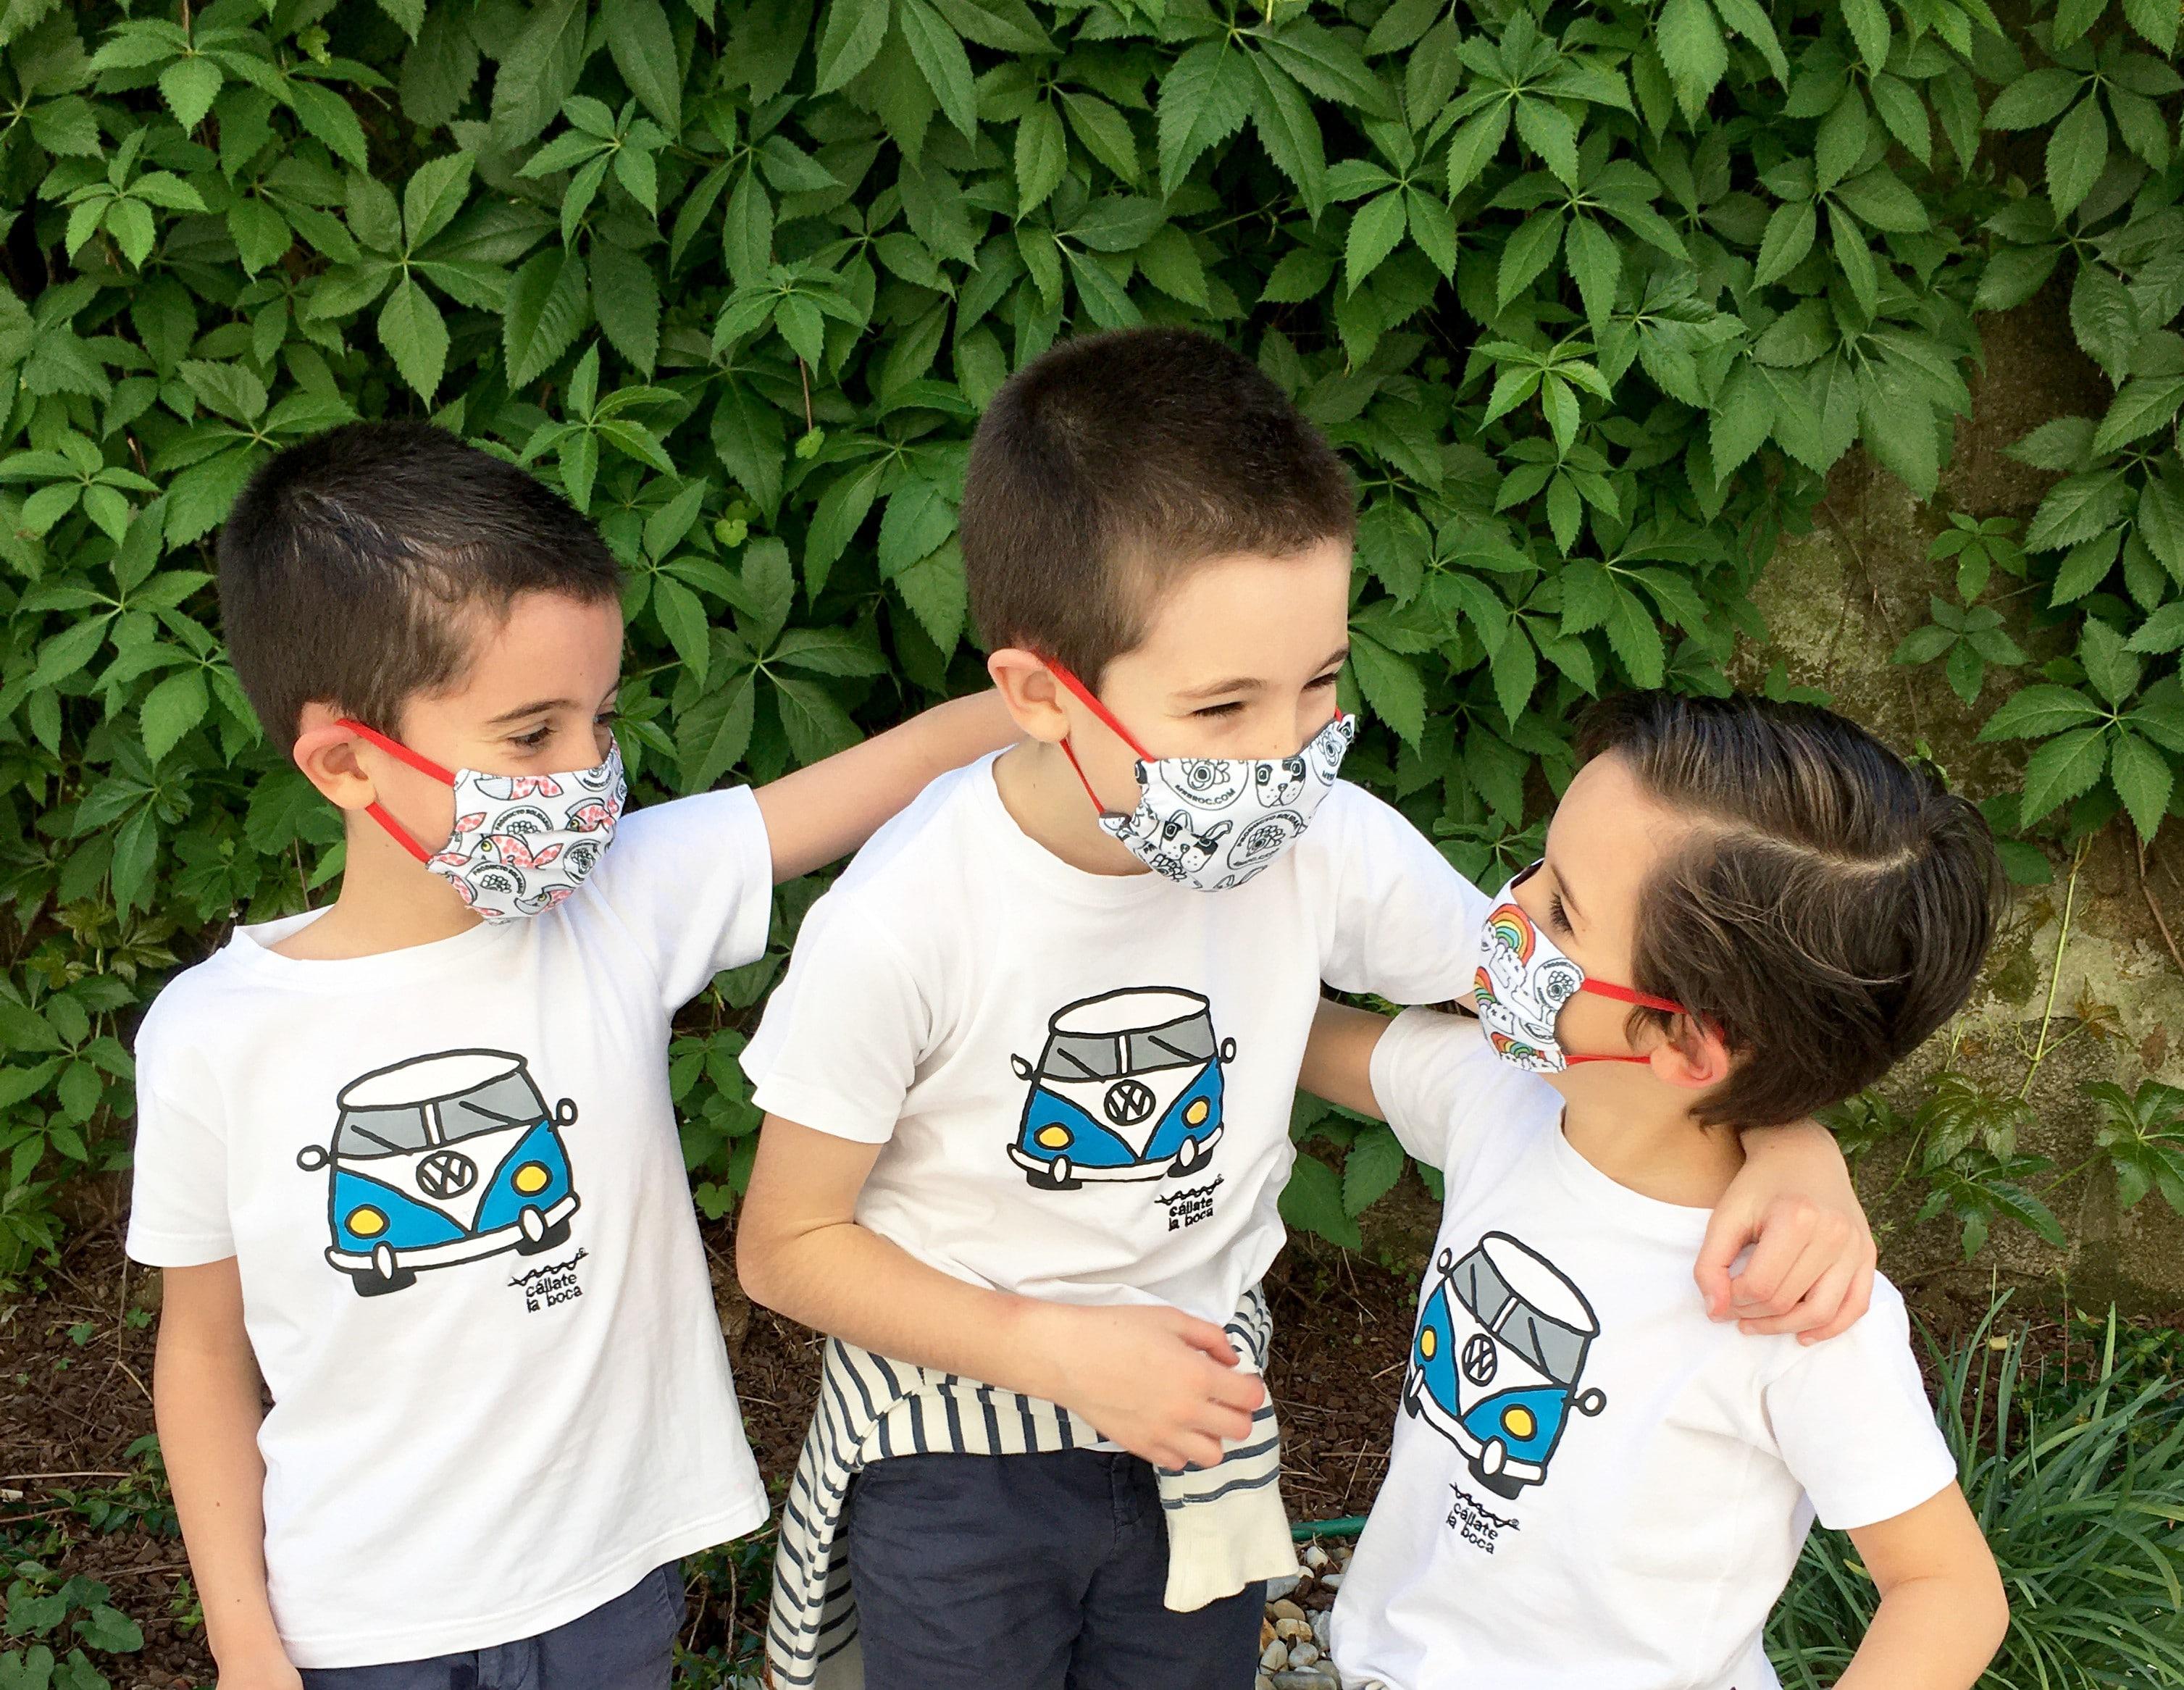 mascarillas personalizadas para los niños de la clase